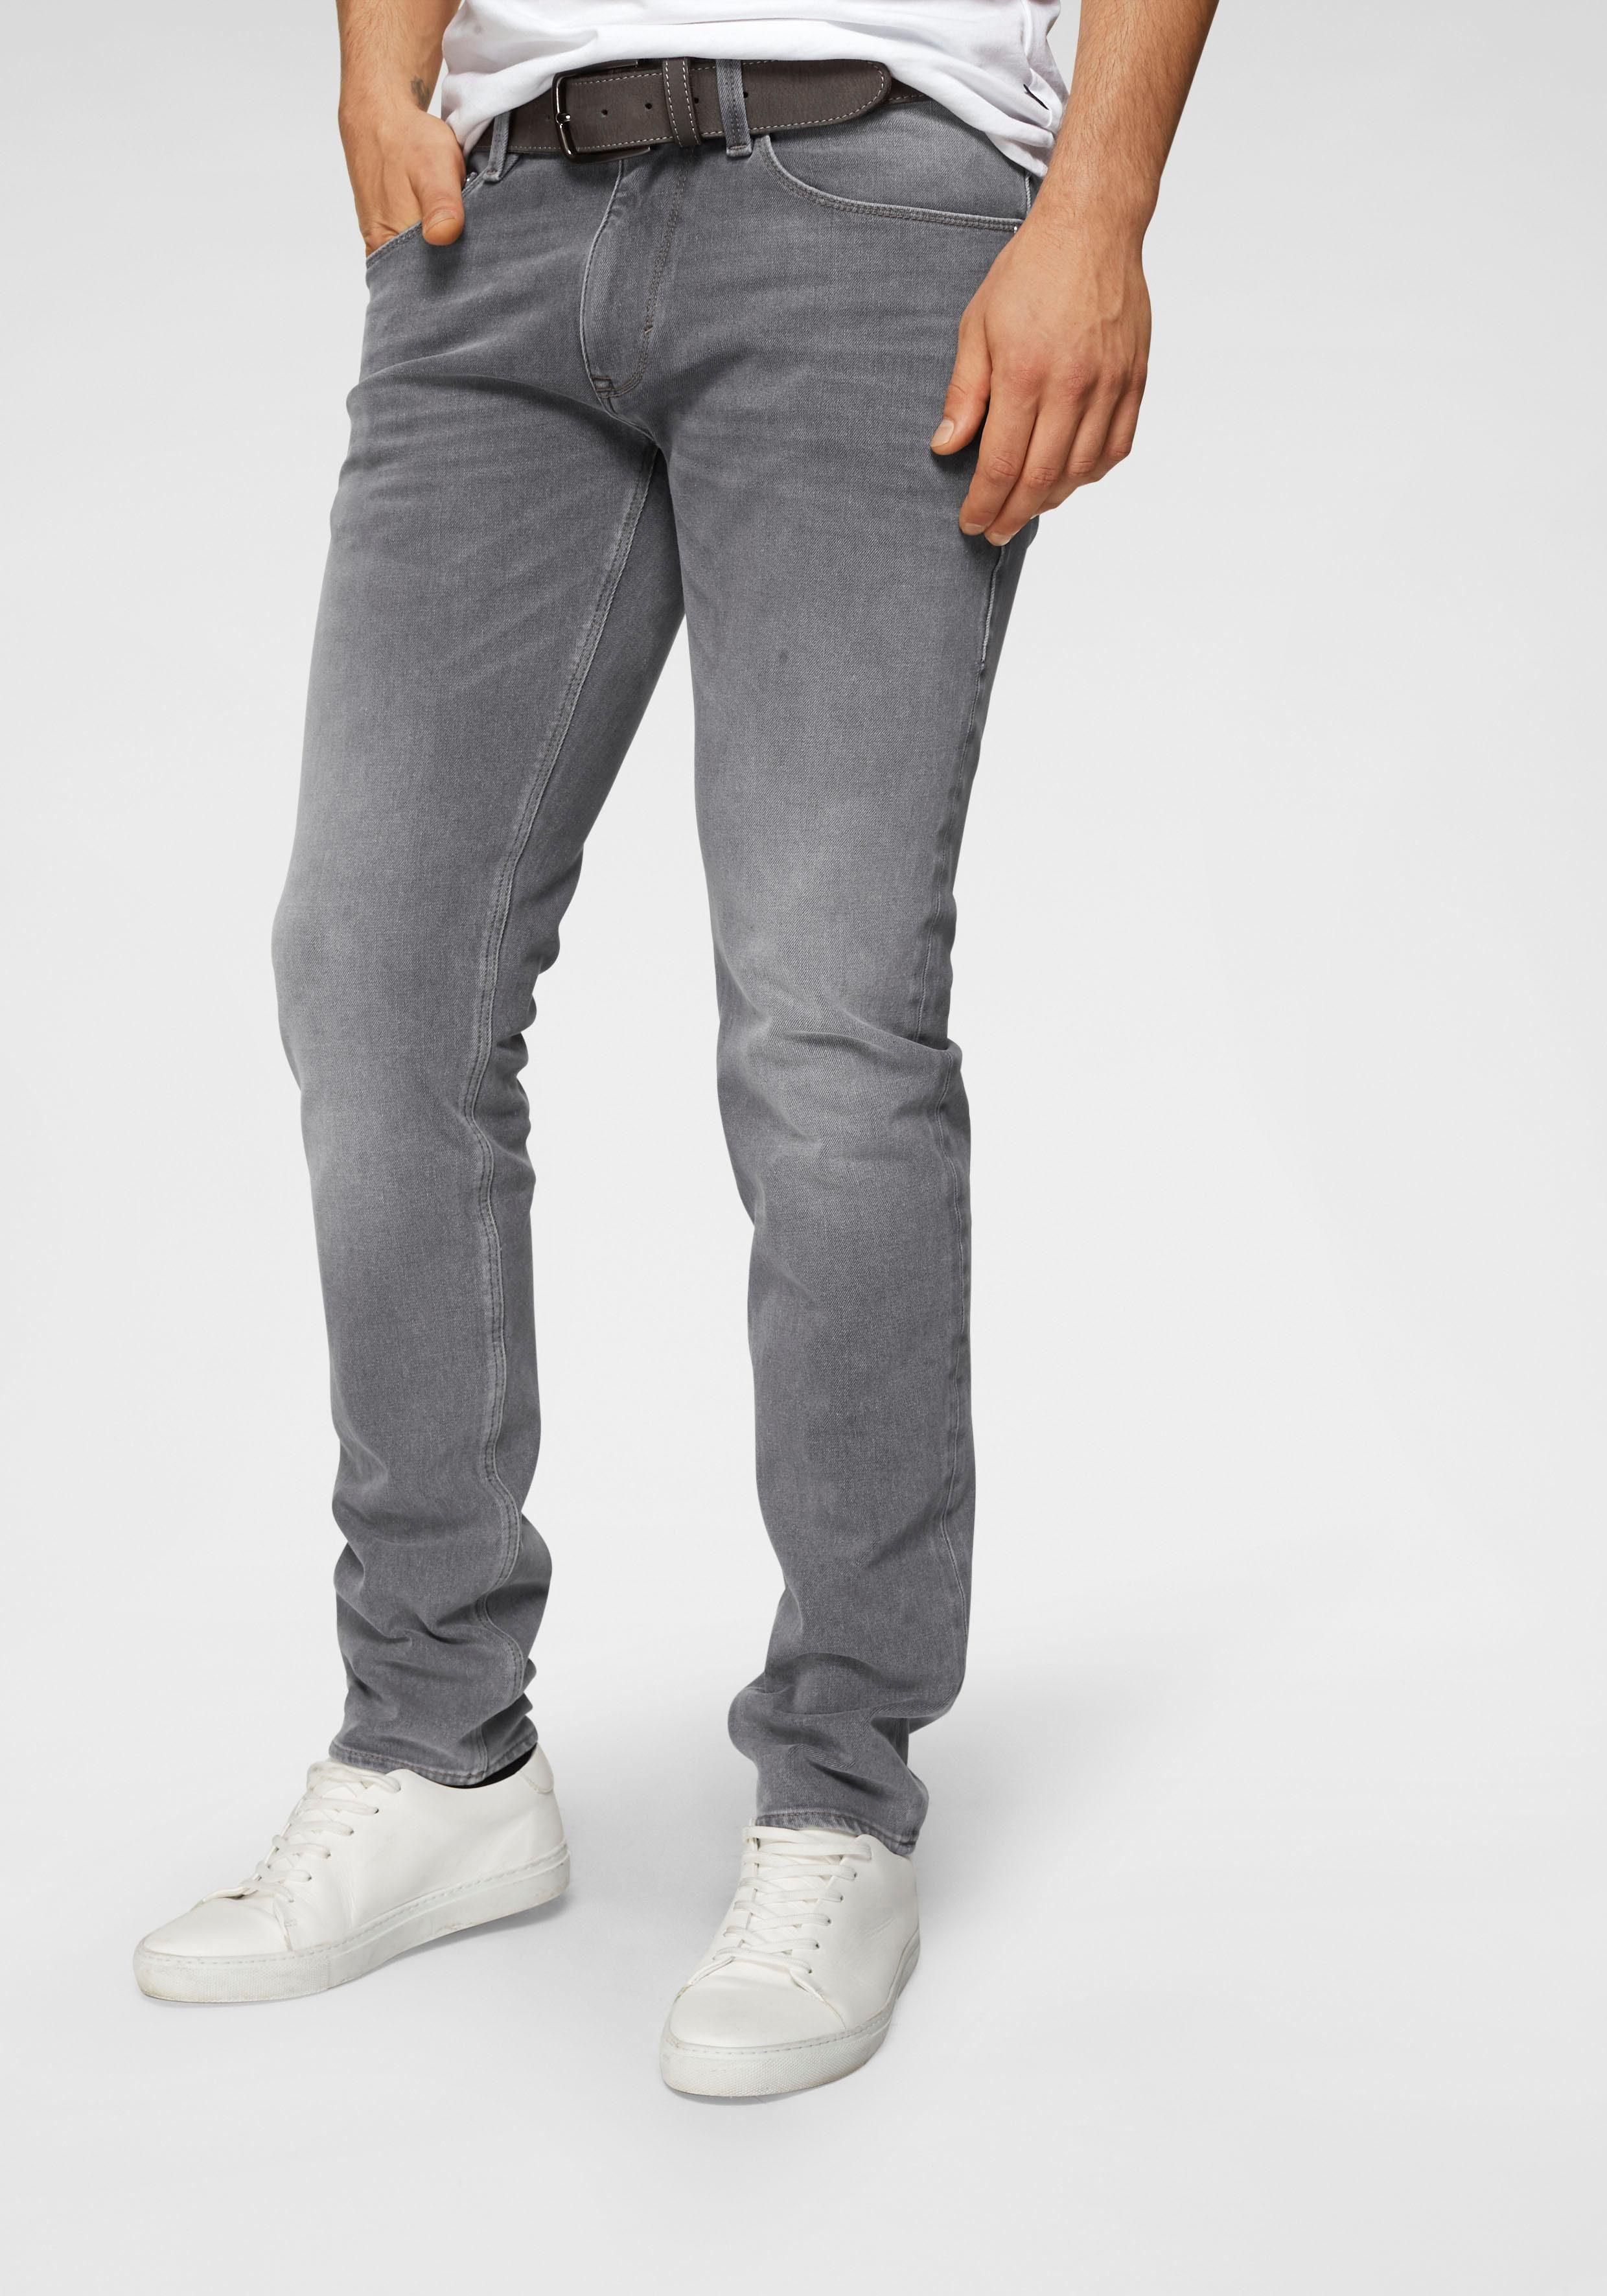 Joop Jeans 5-pocket Slim Fit 'stephen' In De Online Shop - Geweldige Prijs